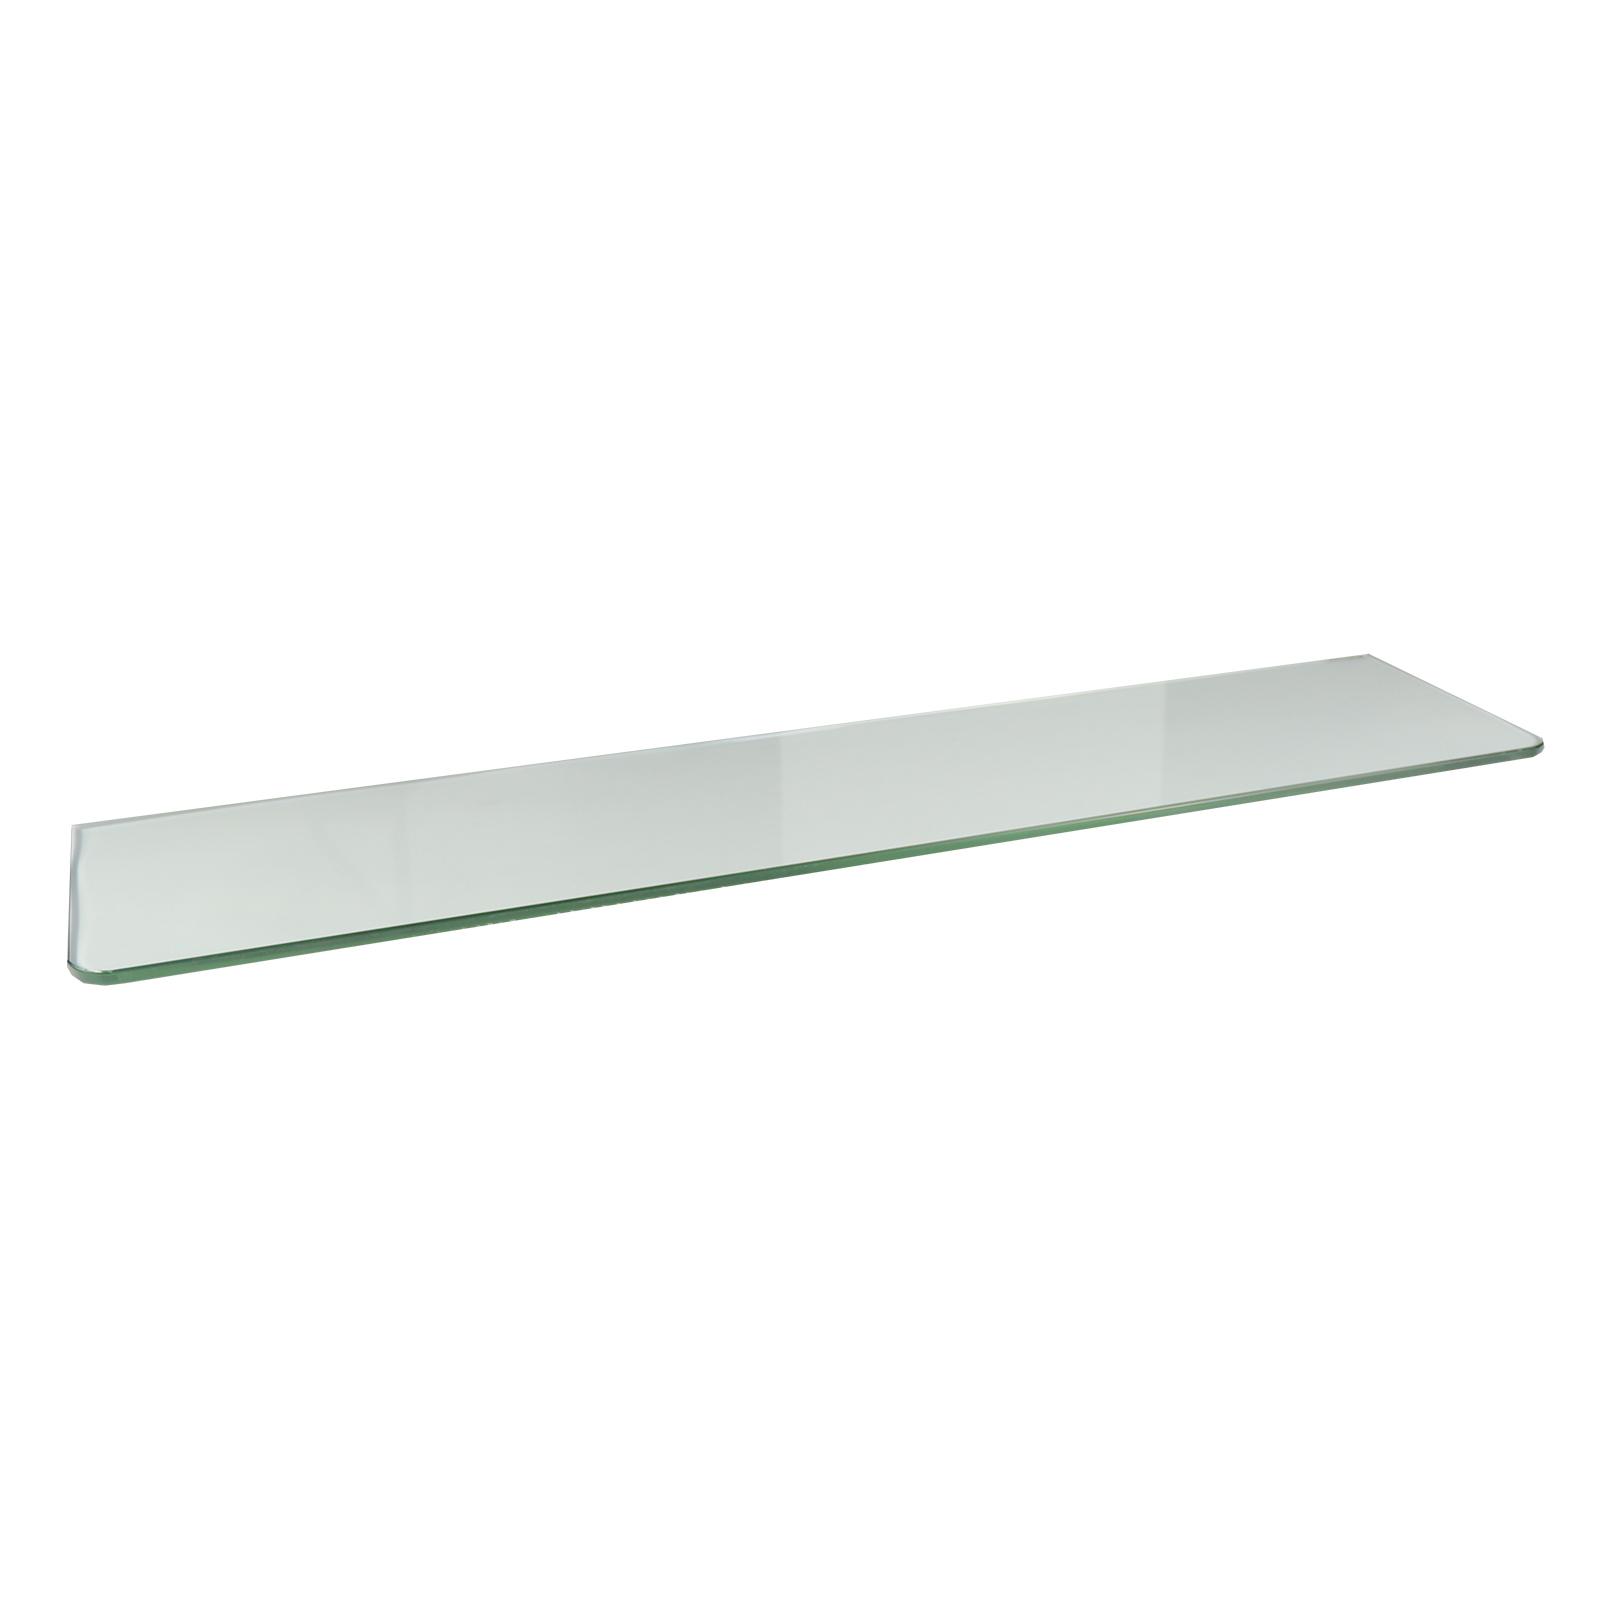 Flexi Storage 800 x 200 x 8mm Clear Glass Shelf